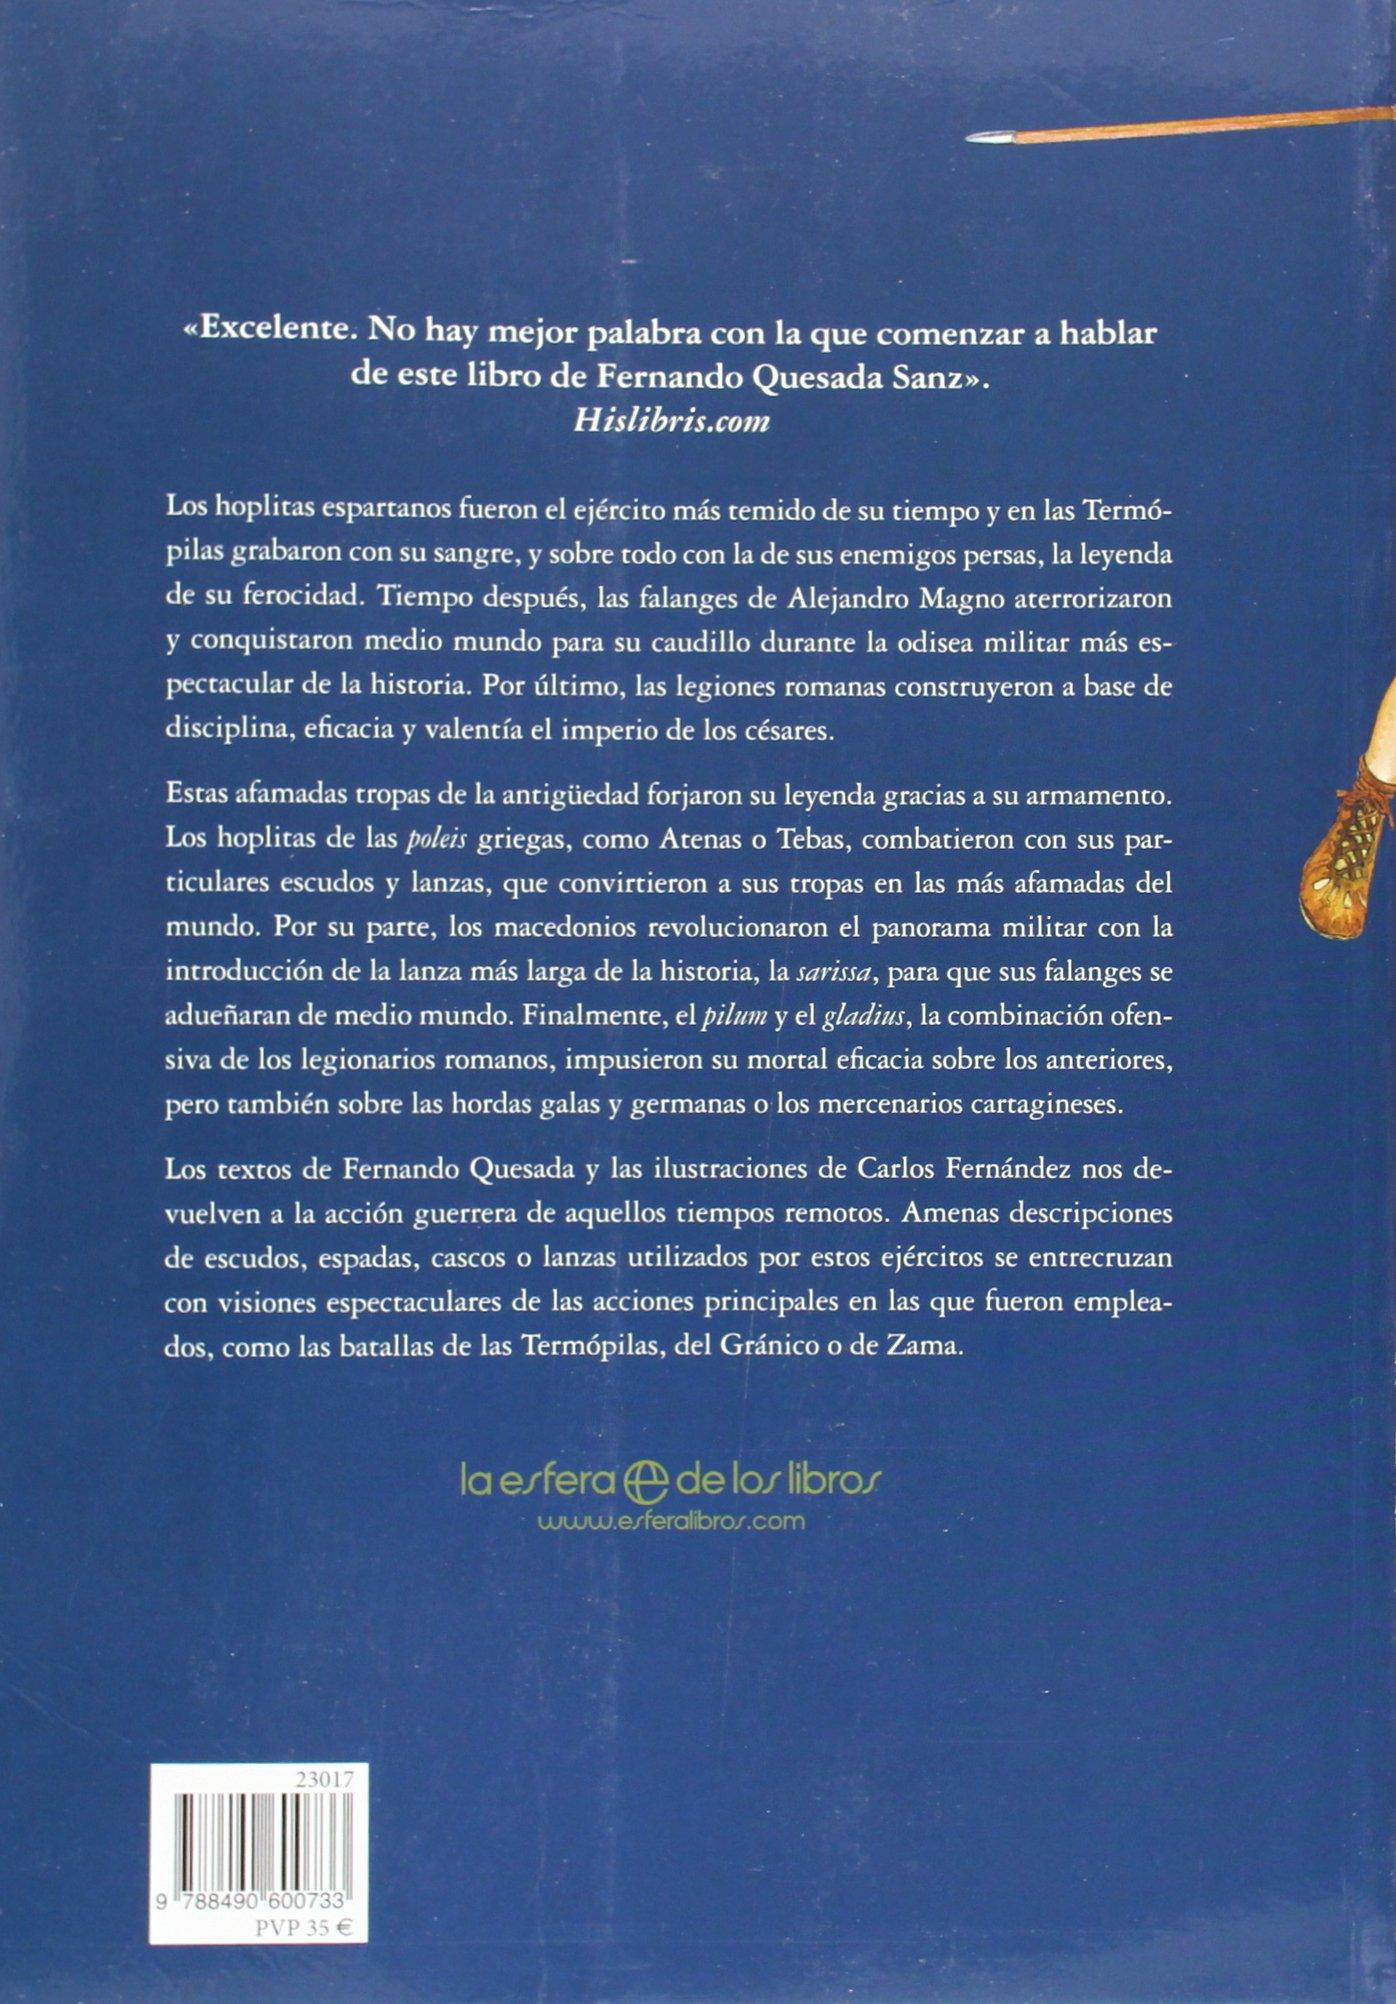 Armas de Grecia y Roma : forjaron la historia de la Antigüedad Clásica: Fernando Quesada Sanz: 9788490600733: Amazon.com: Books